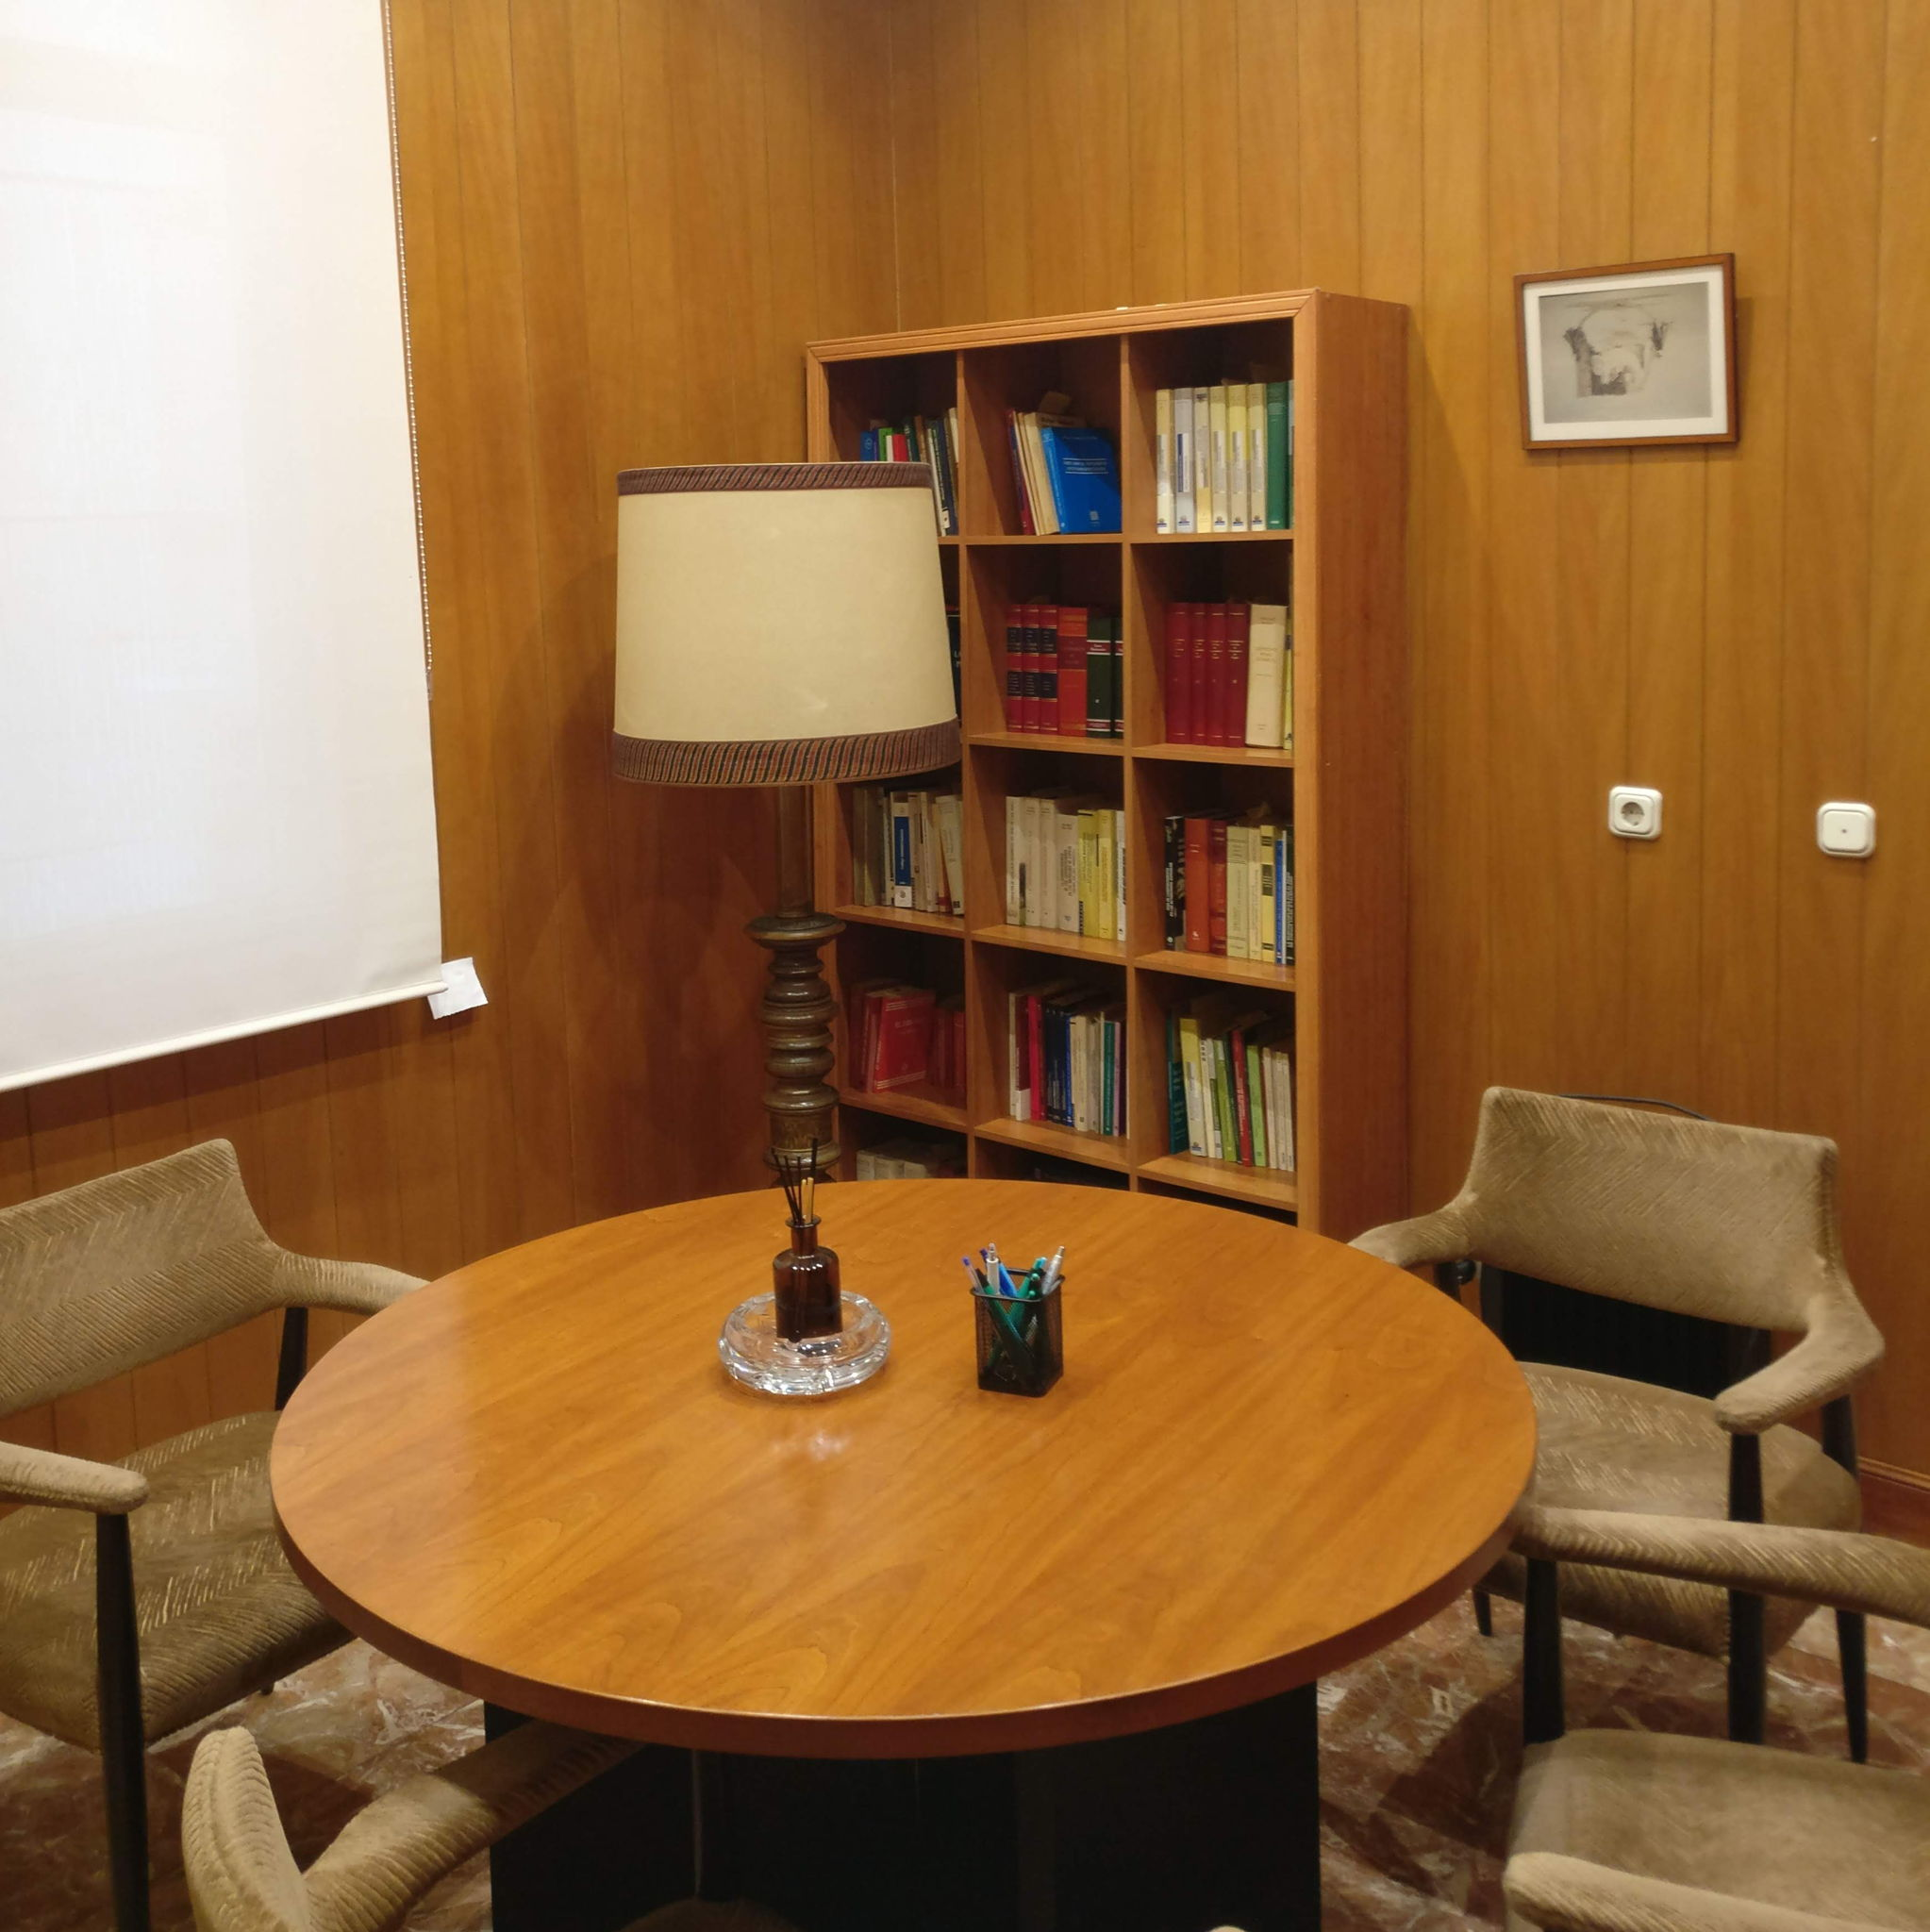 Los clientes son atendidos en salas de reuniones, separadas e independientes de los despachos de trabajo.